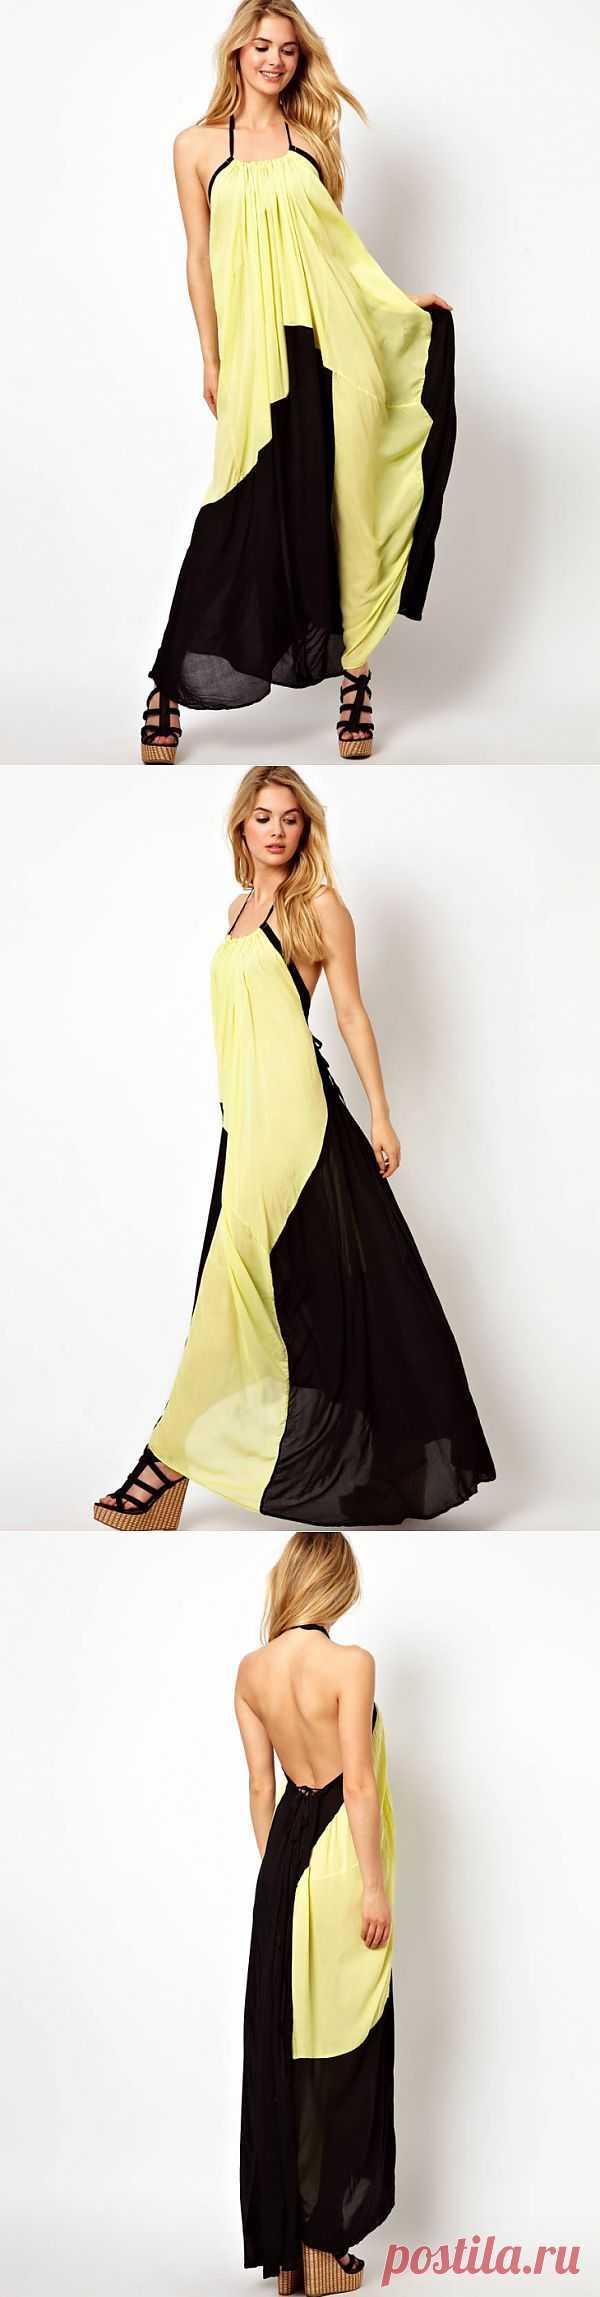 Платье Denham / Помощь зала / Модный сайт о стильной переделке одежды и интерьера